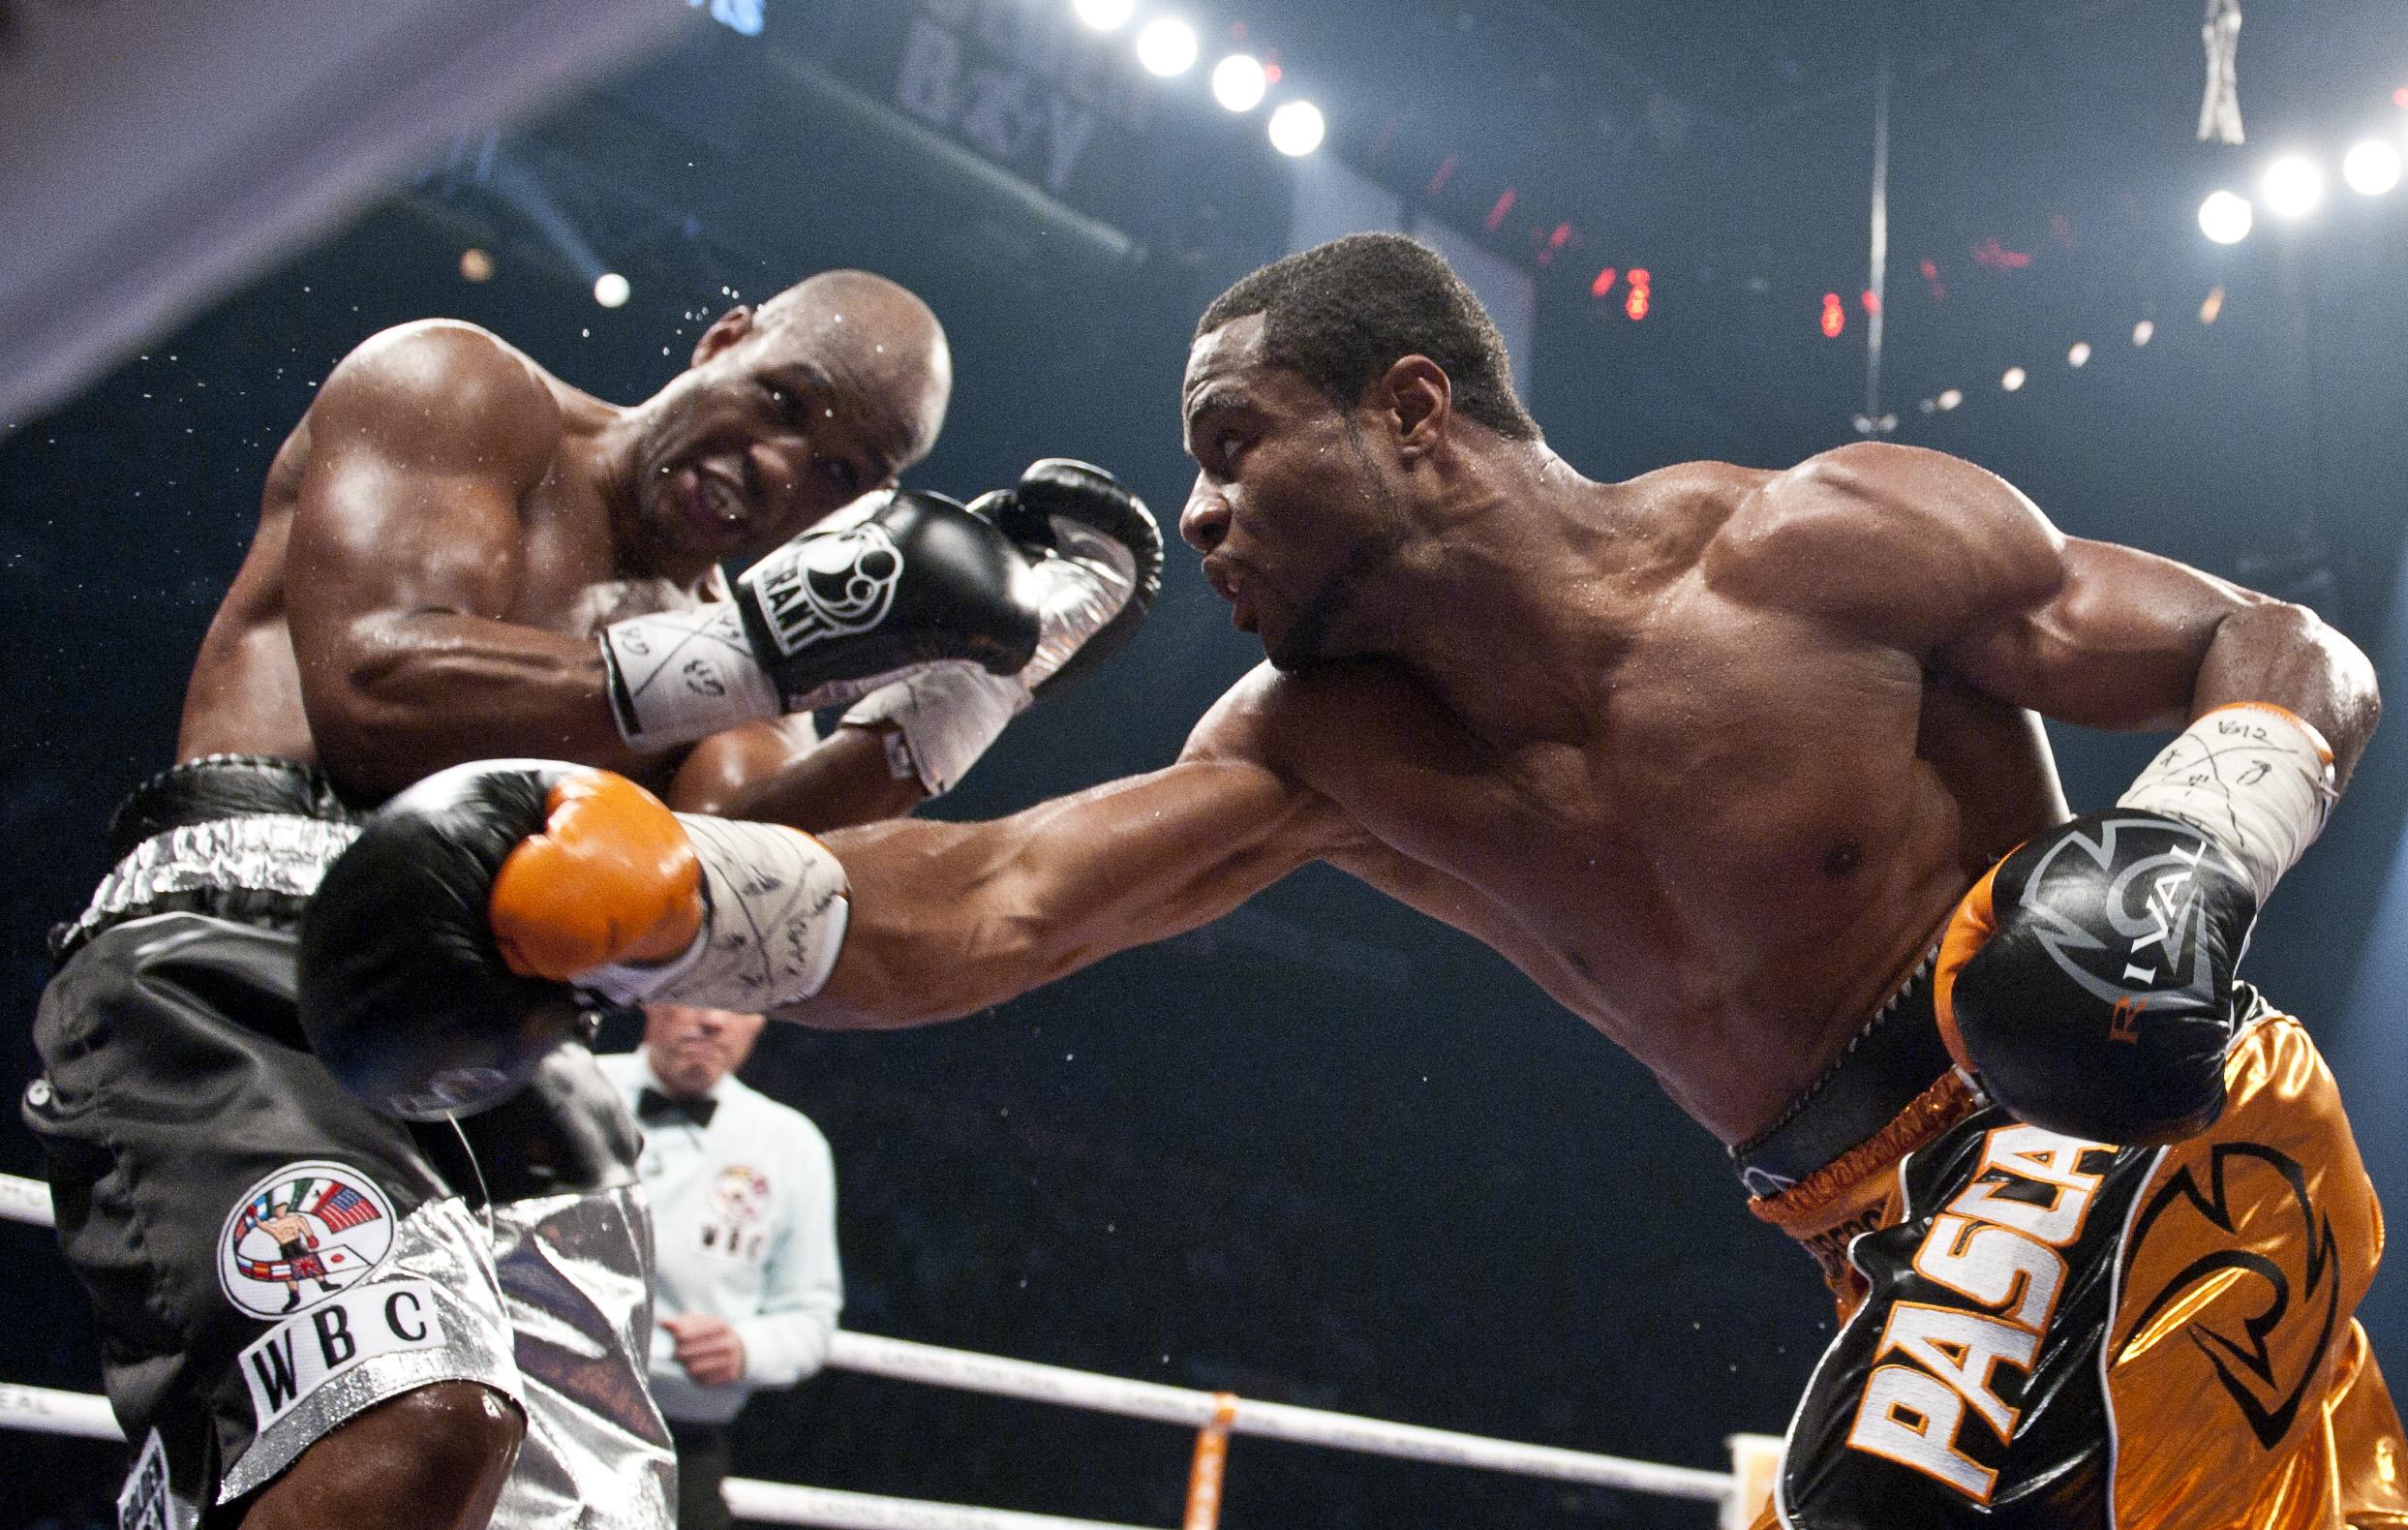 Jean Pascal (R) punches Bernard Hopkin (Getty)